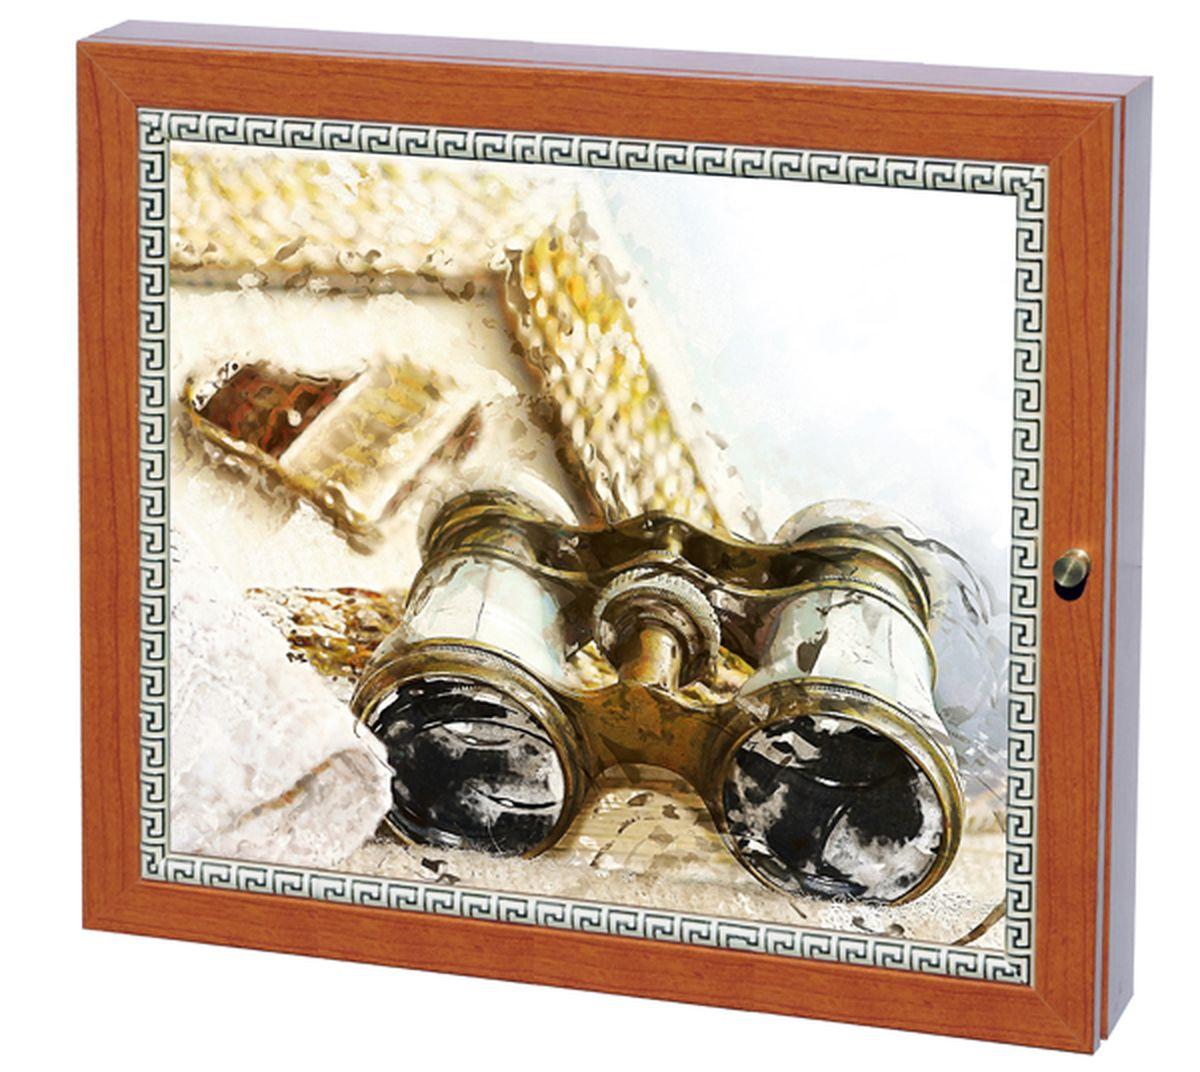 Вешалка-ключница Milarte Фэй, 25 х 30 х 5,5 см. KFV-116012